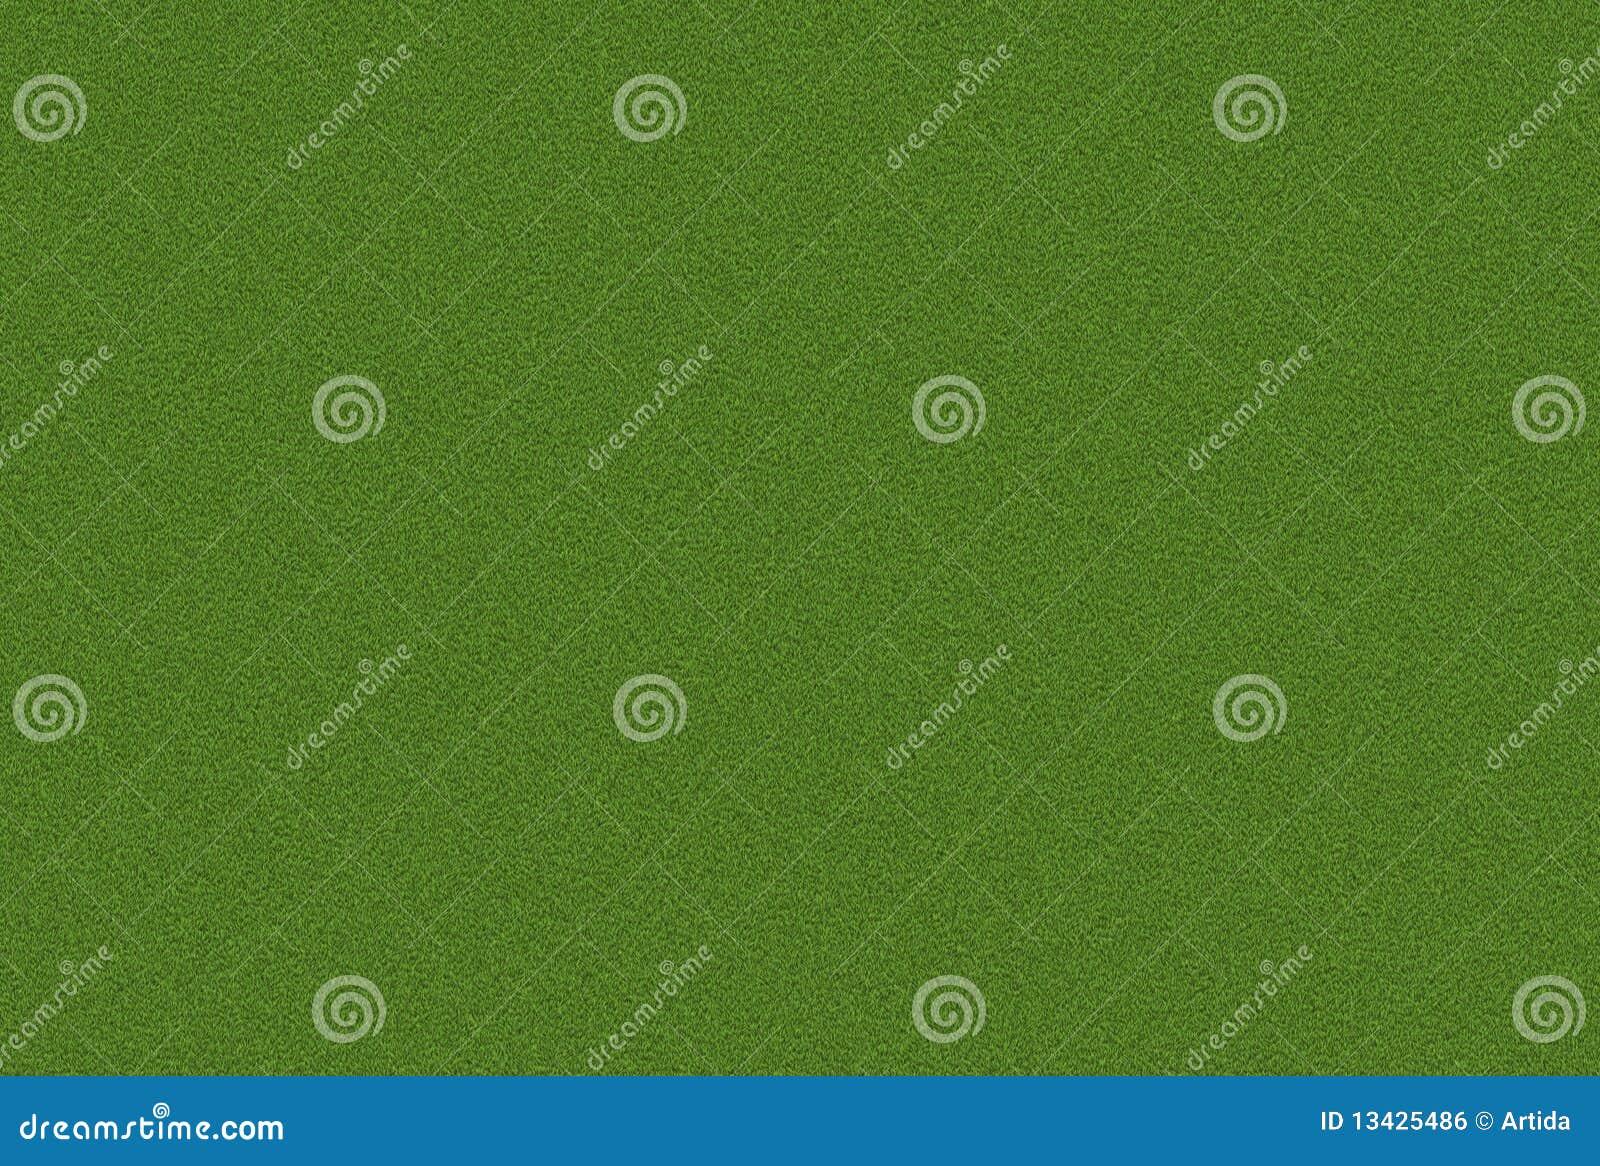 Green grass texture,seamless texture